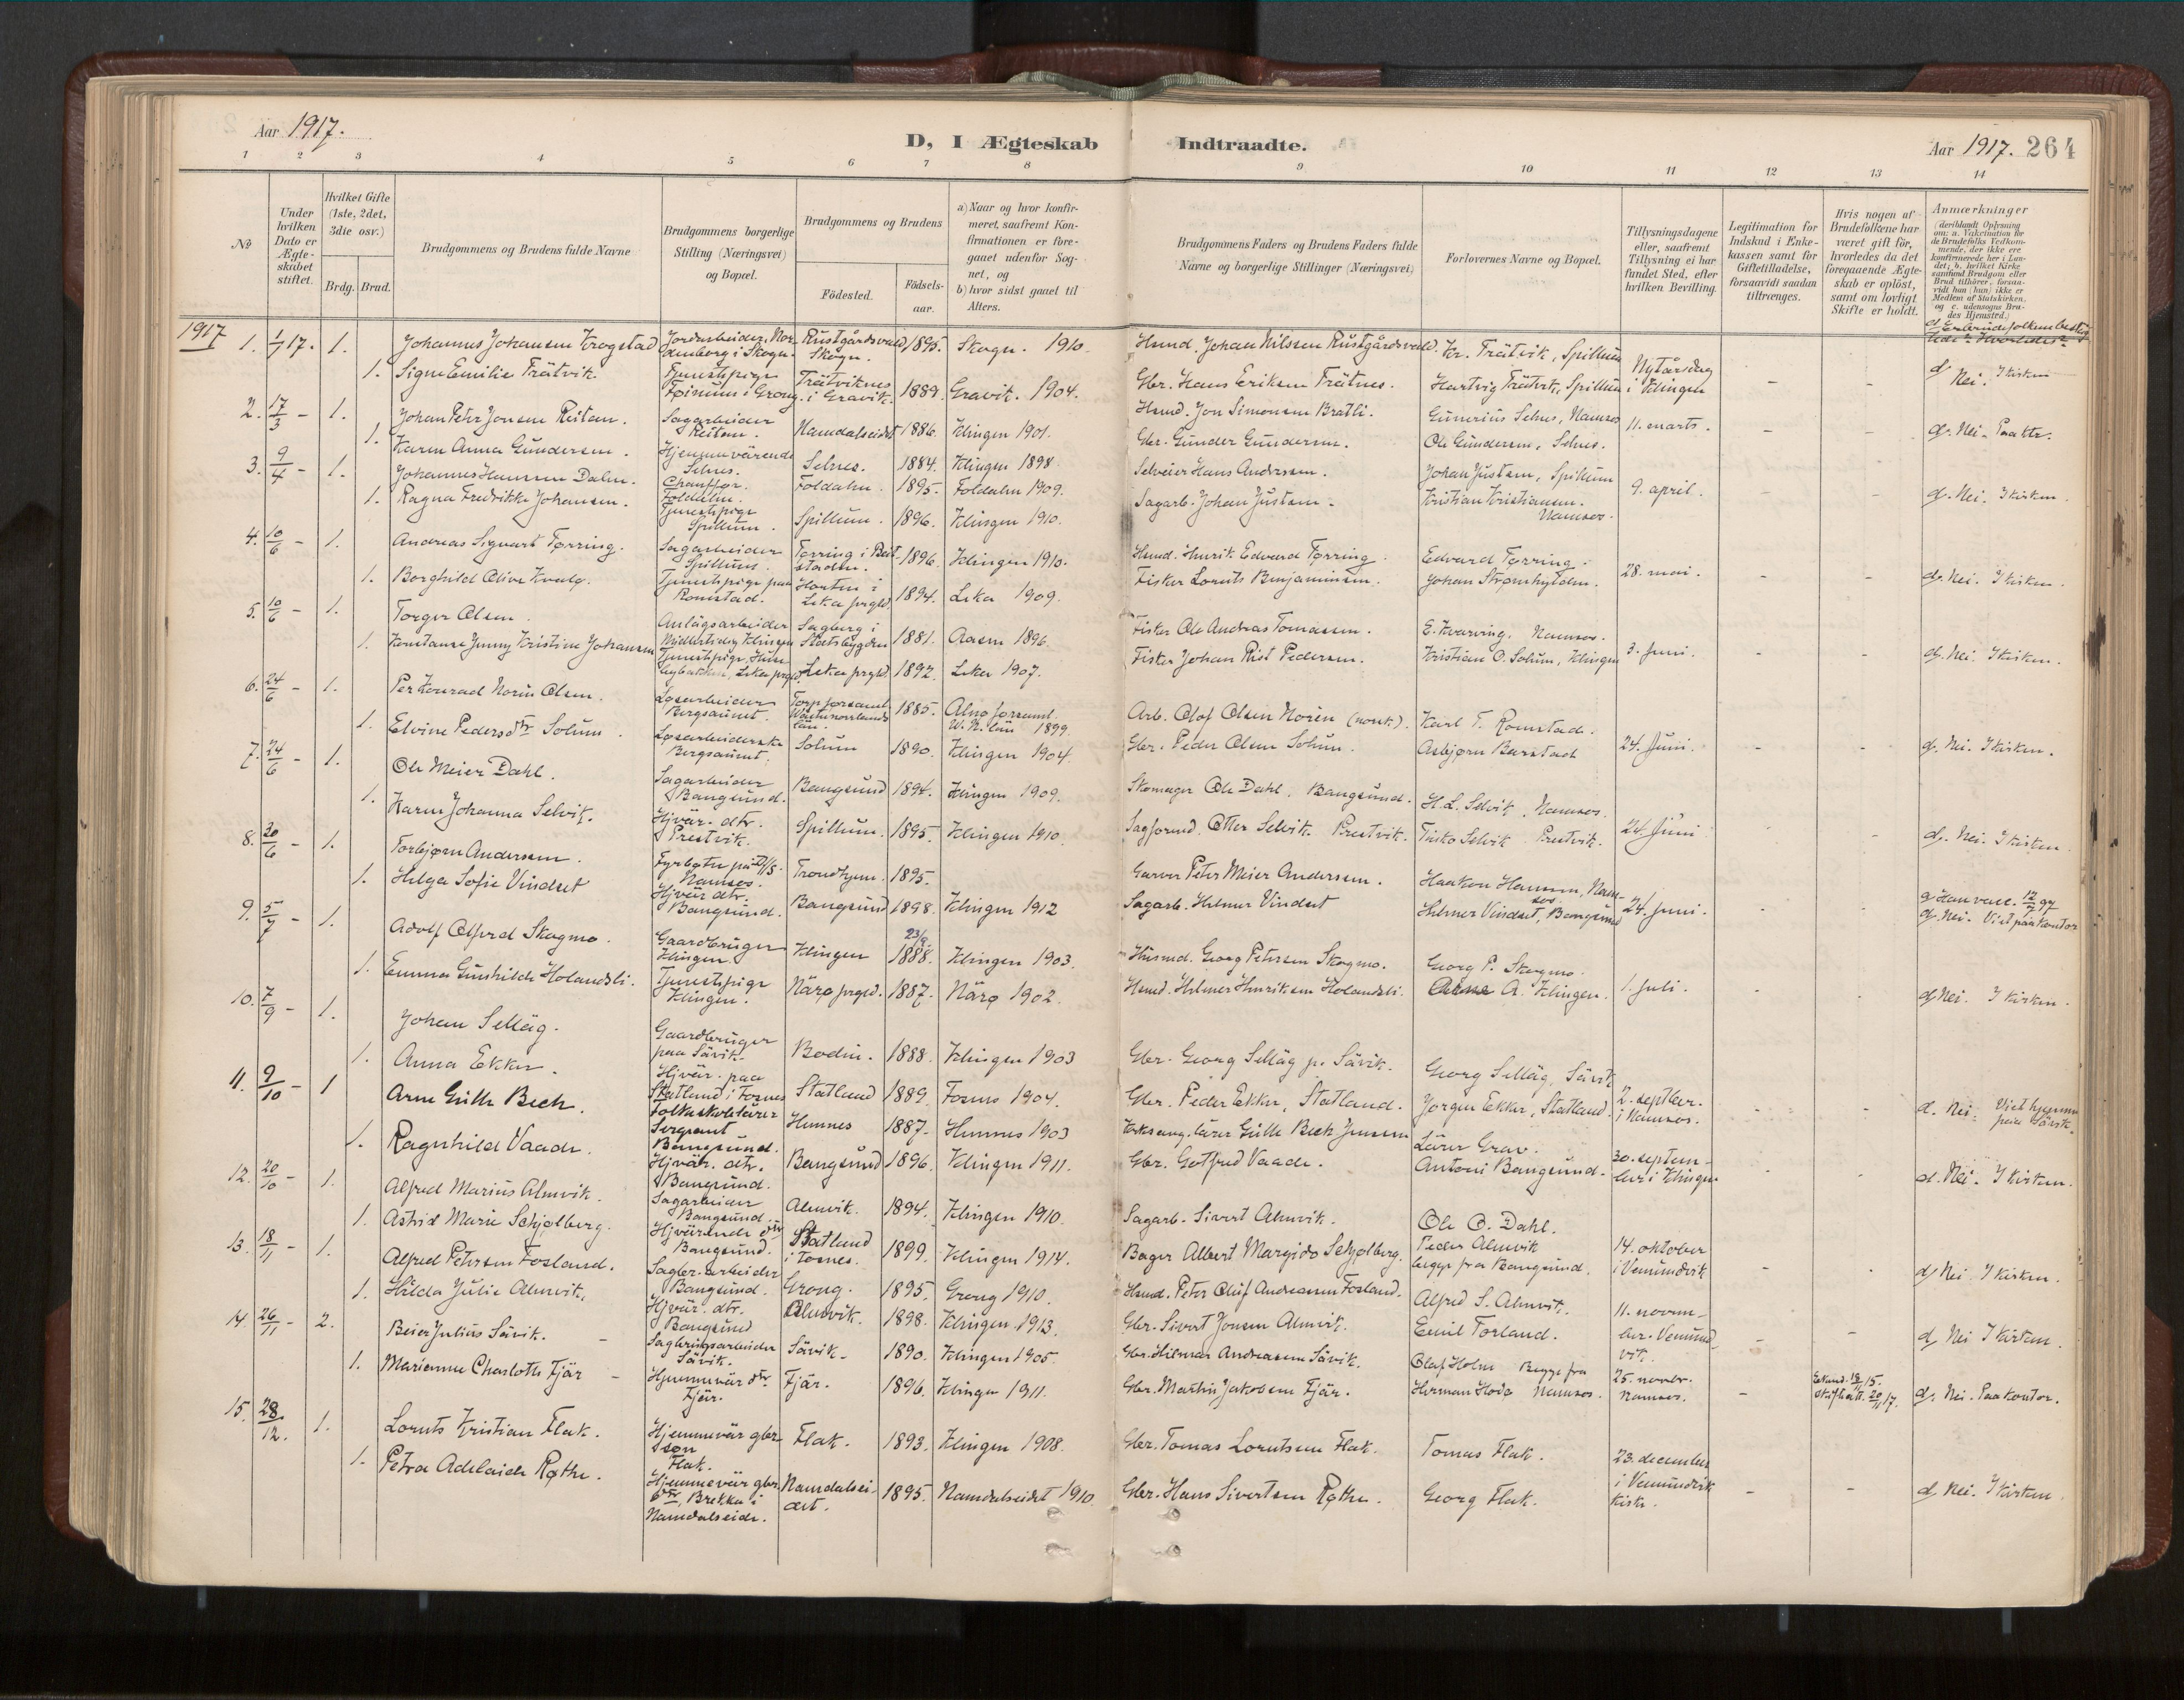 SAT, Ministerialprotokoller, klokkerbøker og fødselsregistre - Nord-Trøndelag, 770/L0589: Ministerialbok nr. 770A03, 1887-1929, s. 264